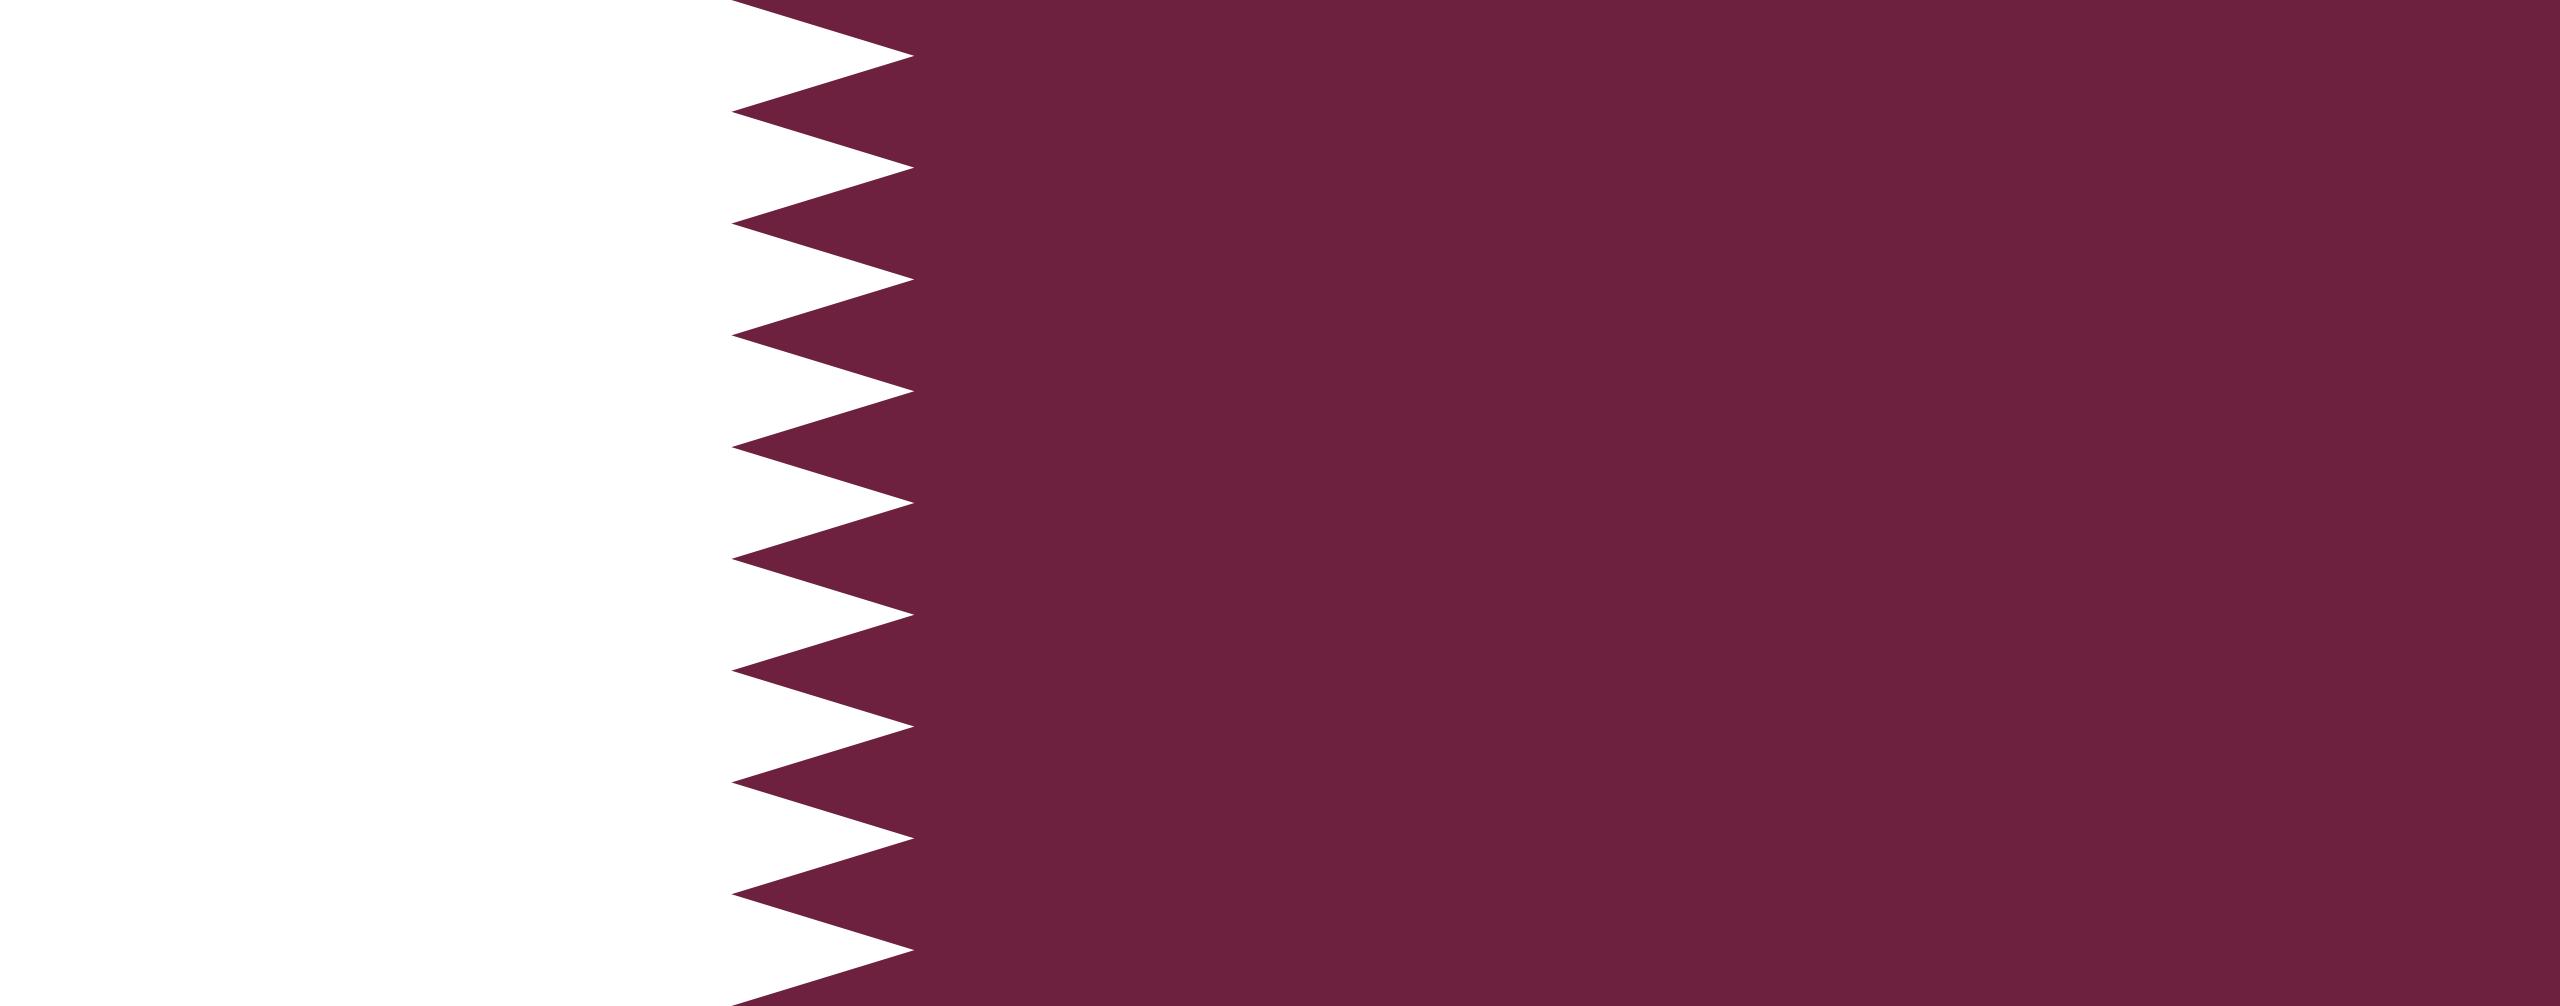 qatar, Land, Emblem, Logo, Symbol - Wallpaper HD - Prof.-falken.com